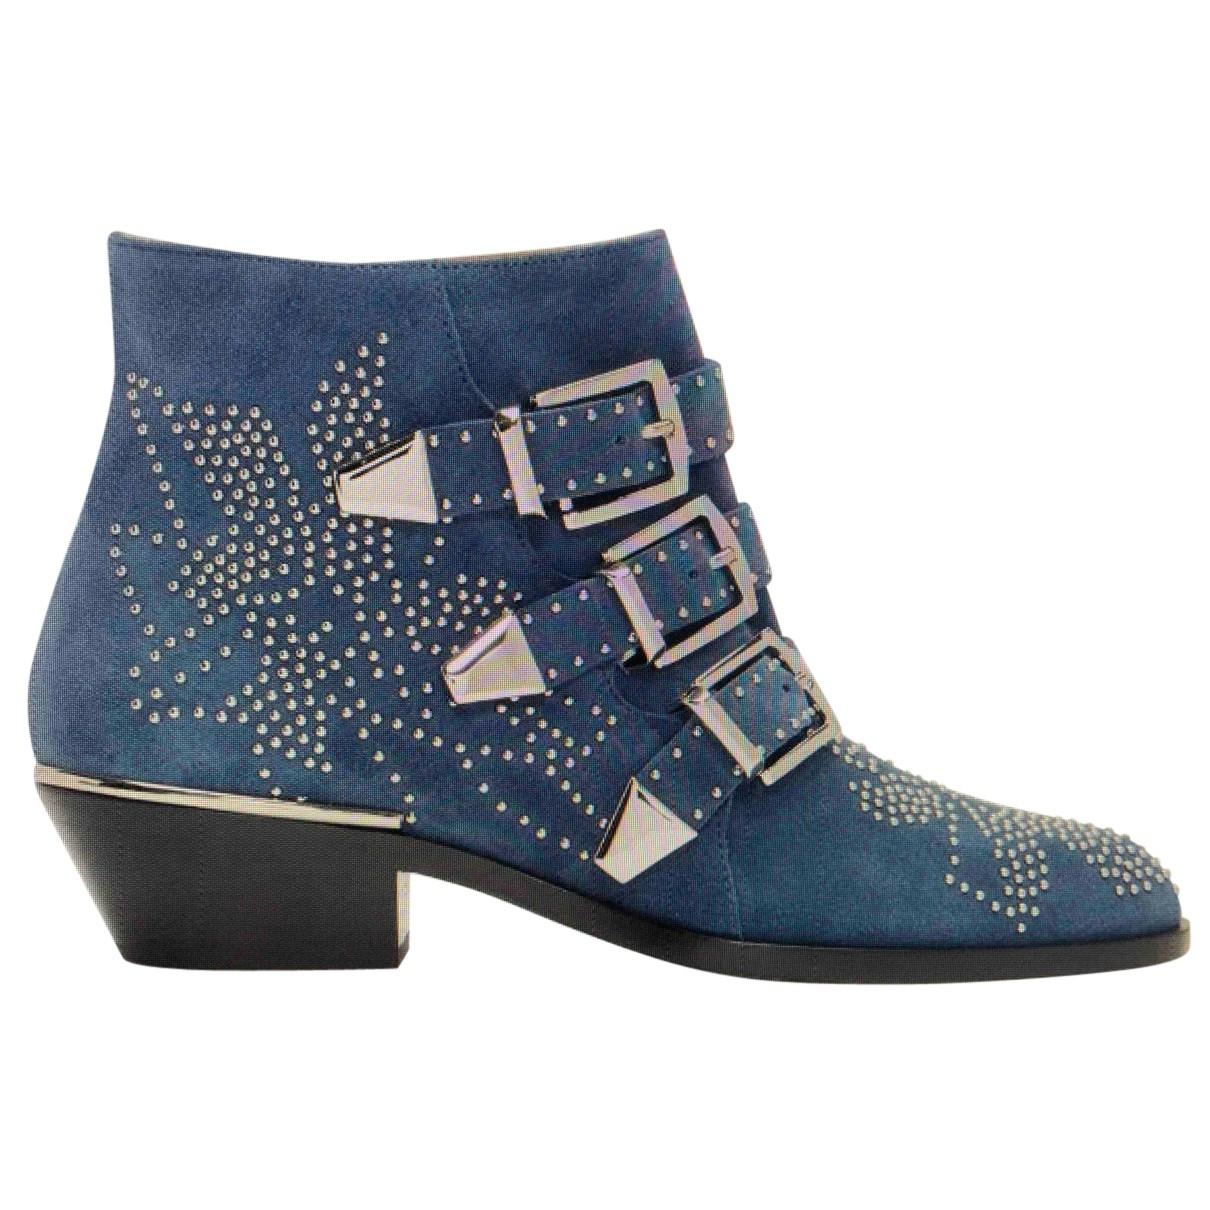 Chloe - Boots Susanna pour femme en suede - bleu